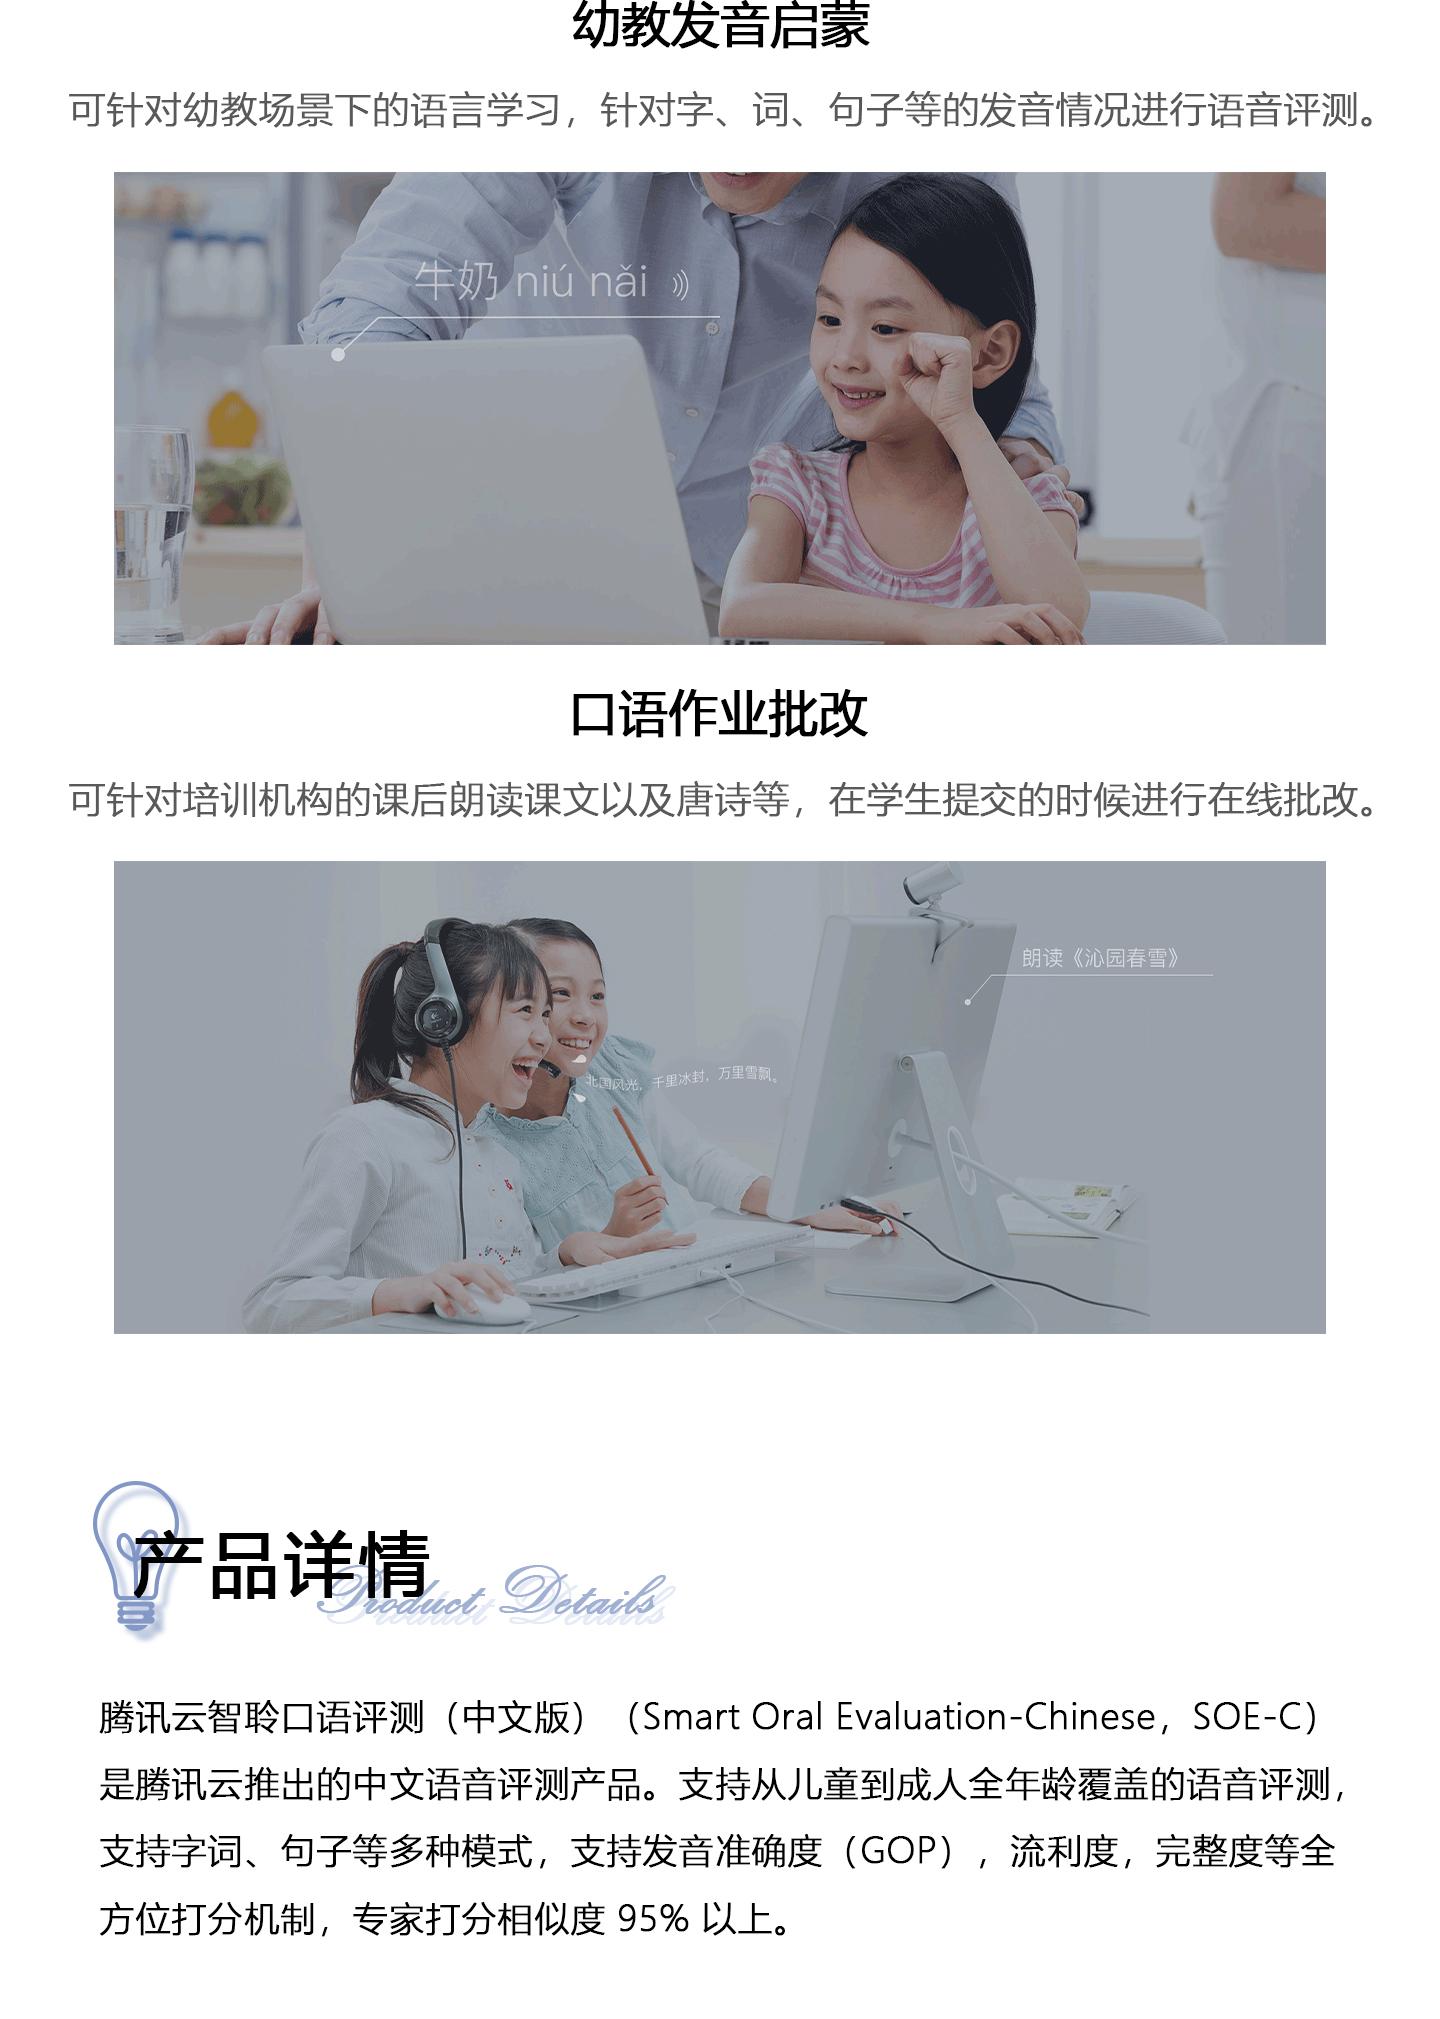 口语测评中文1440_03.jpg